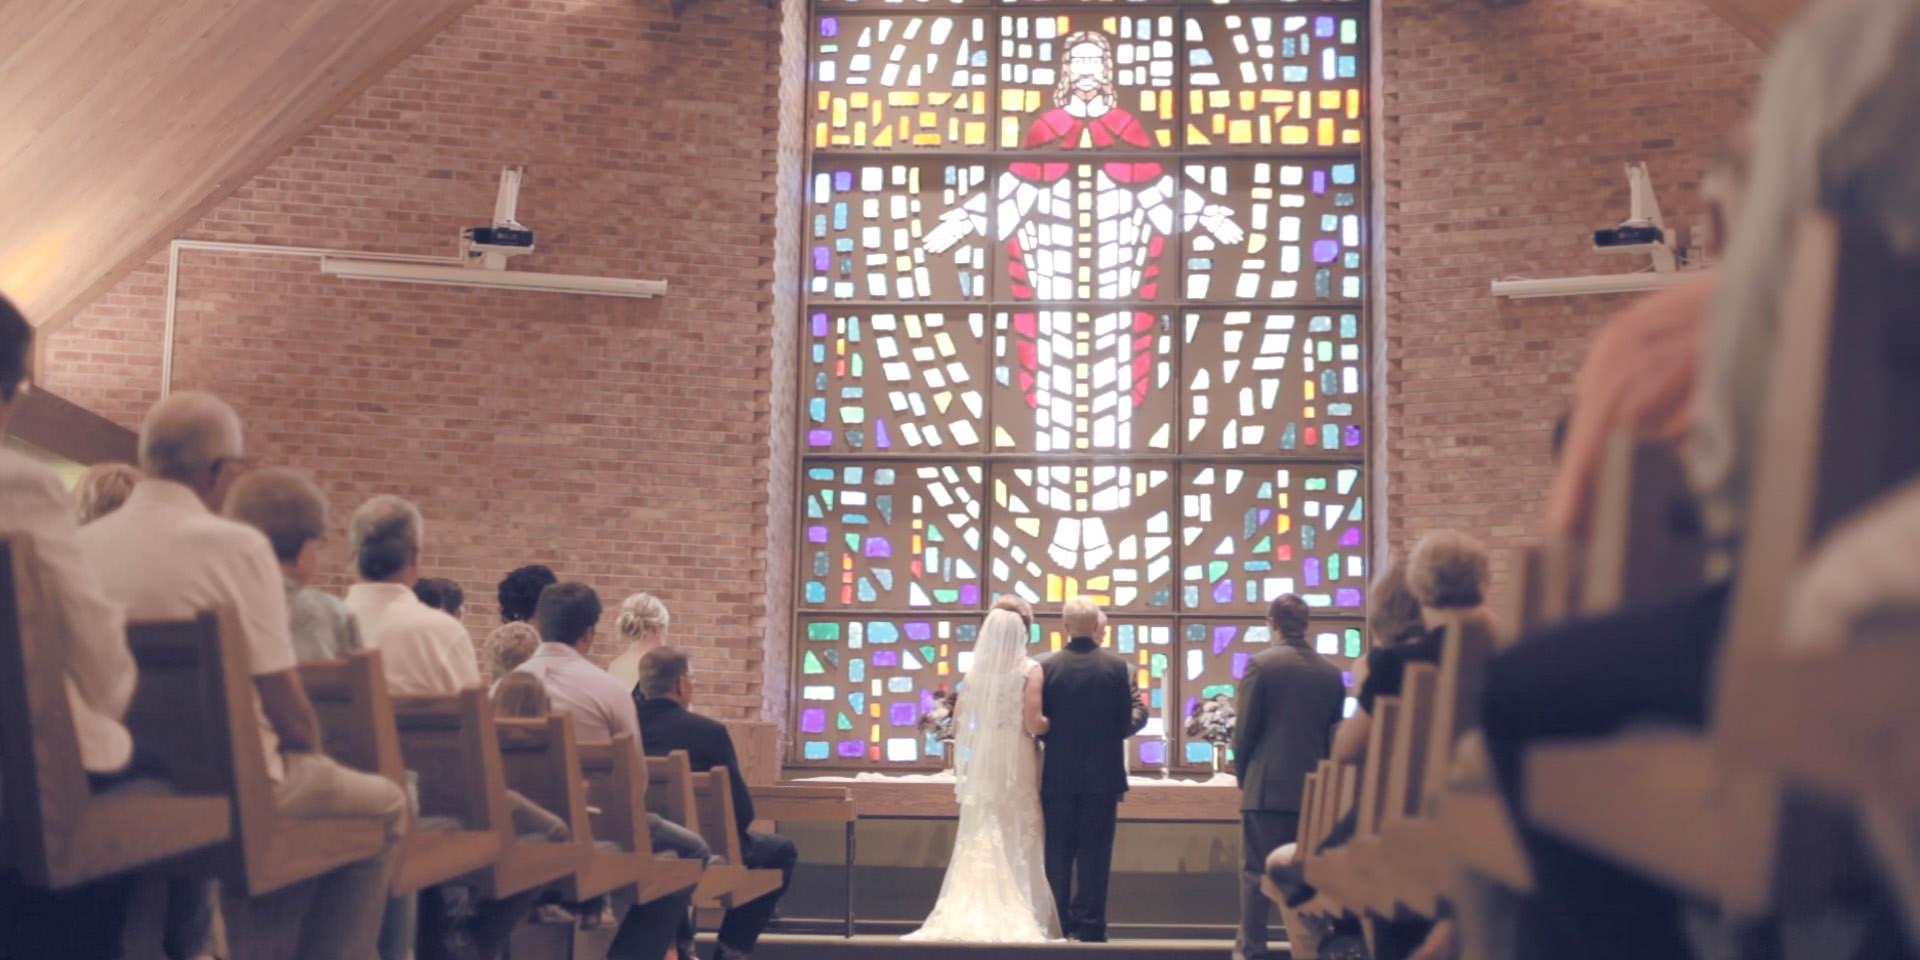 travis&katie wedding story.00_06_22_21.Still009.jpg